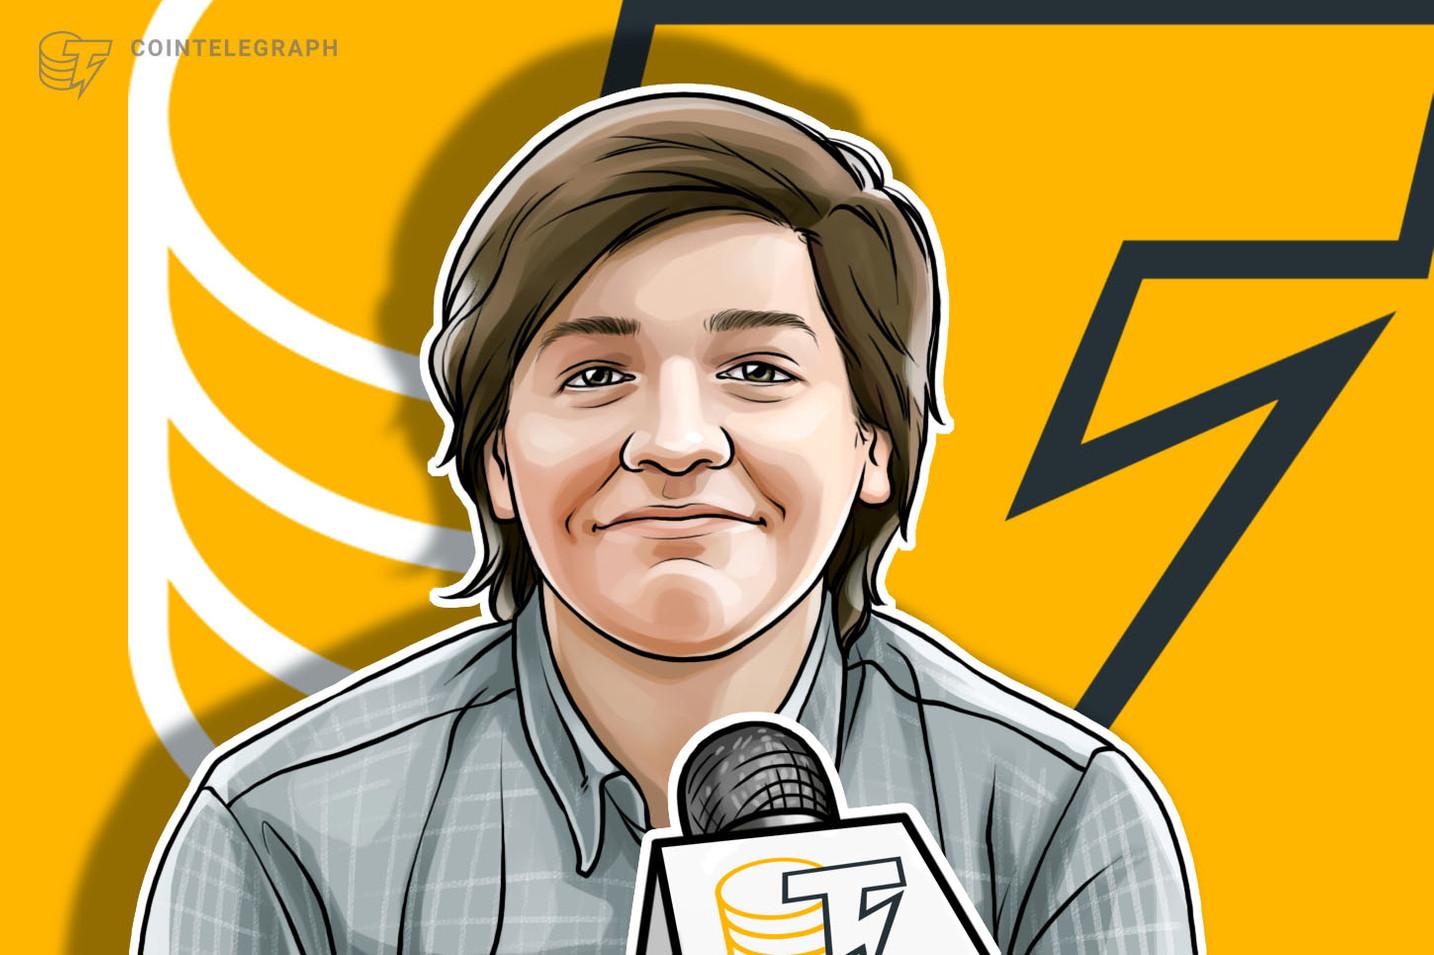 """Joaquin Morinigo: """"Bitcoin es básicamente el oro de mi generación, de la Generación Z"""""""